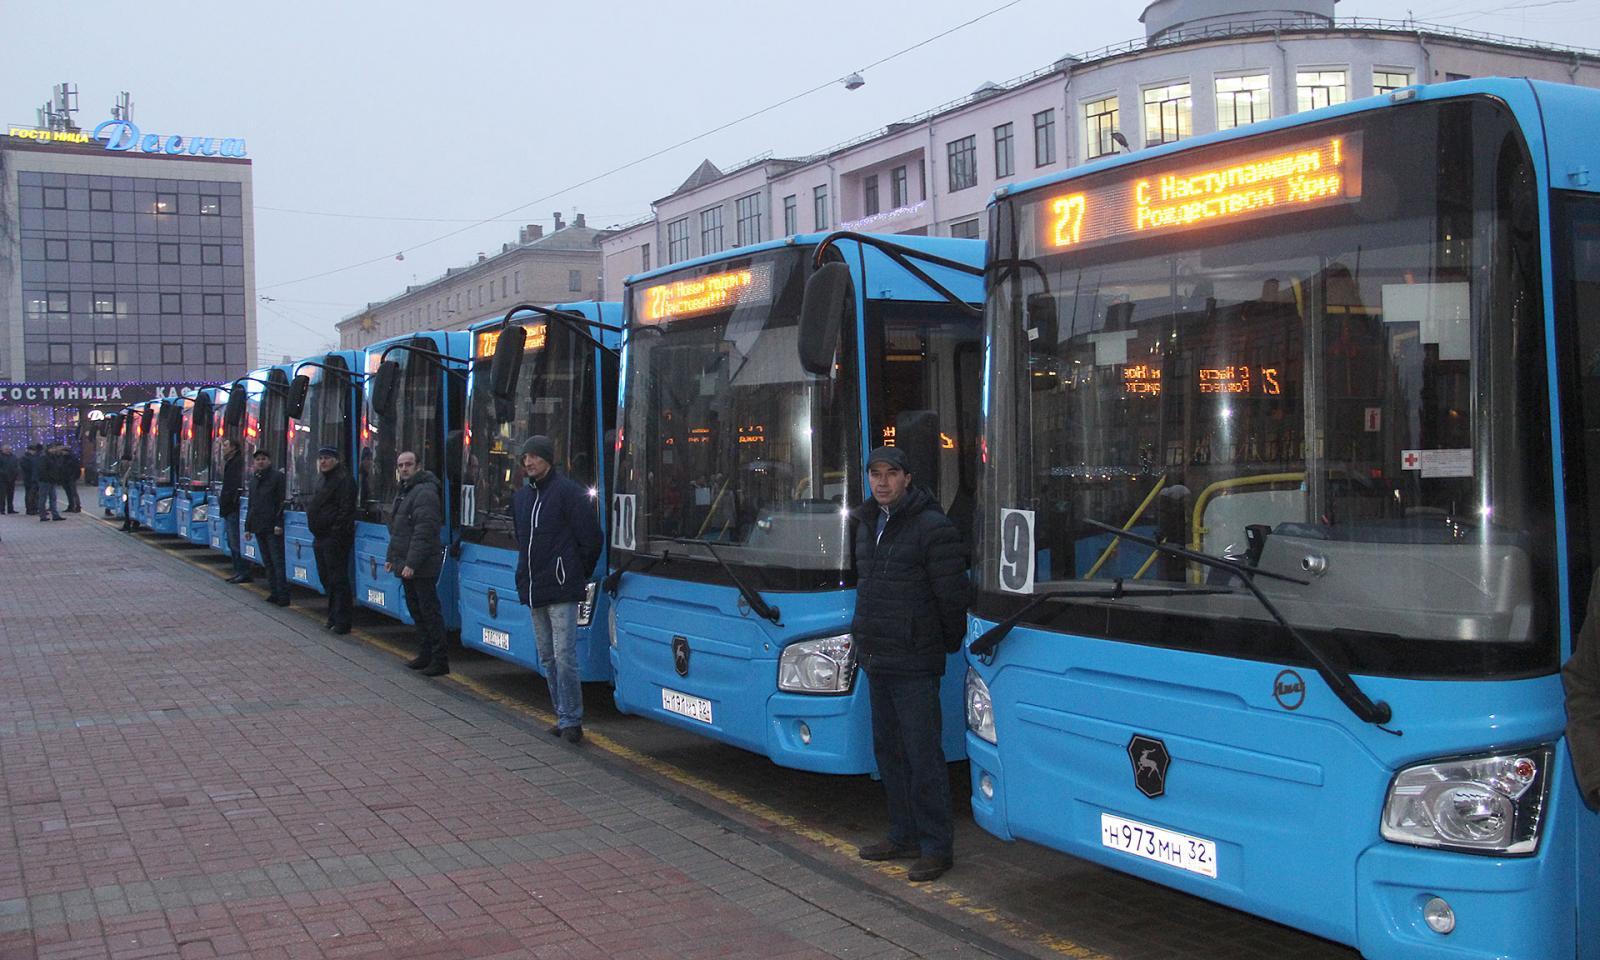 В Брянске закупят 7 новых автобусов на газомоторном топливе за 40 миллионов рублей